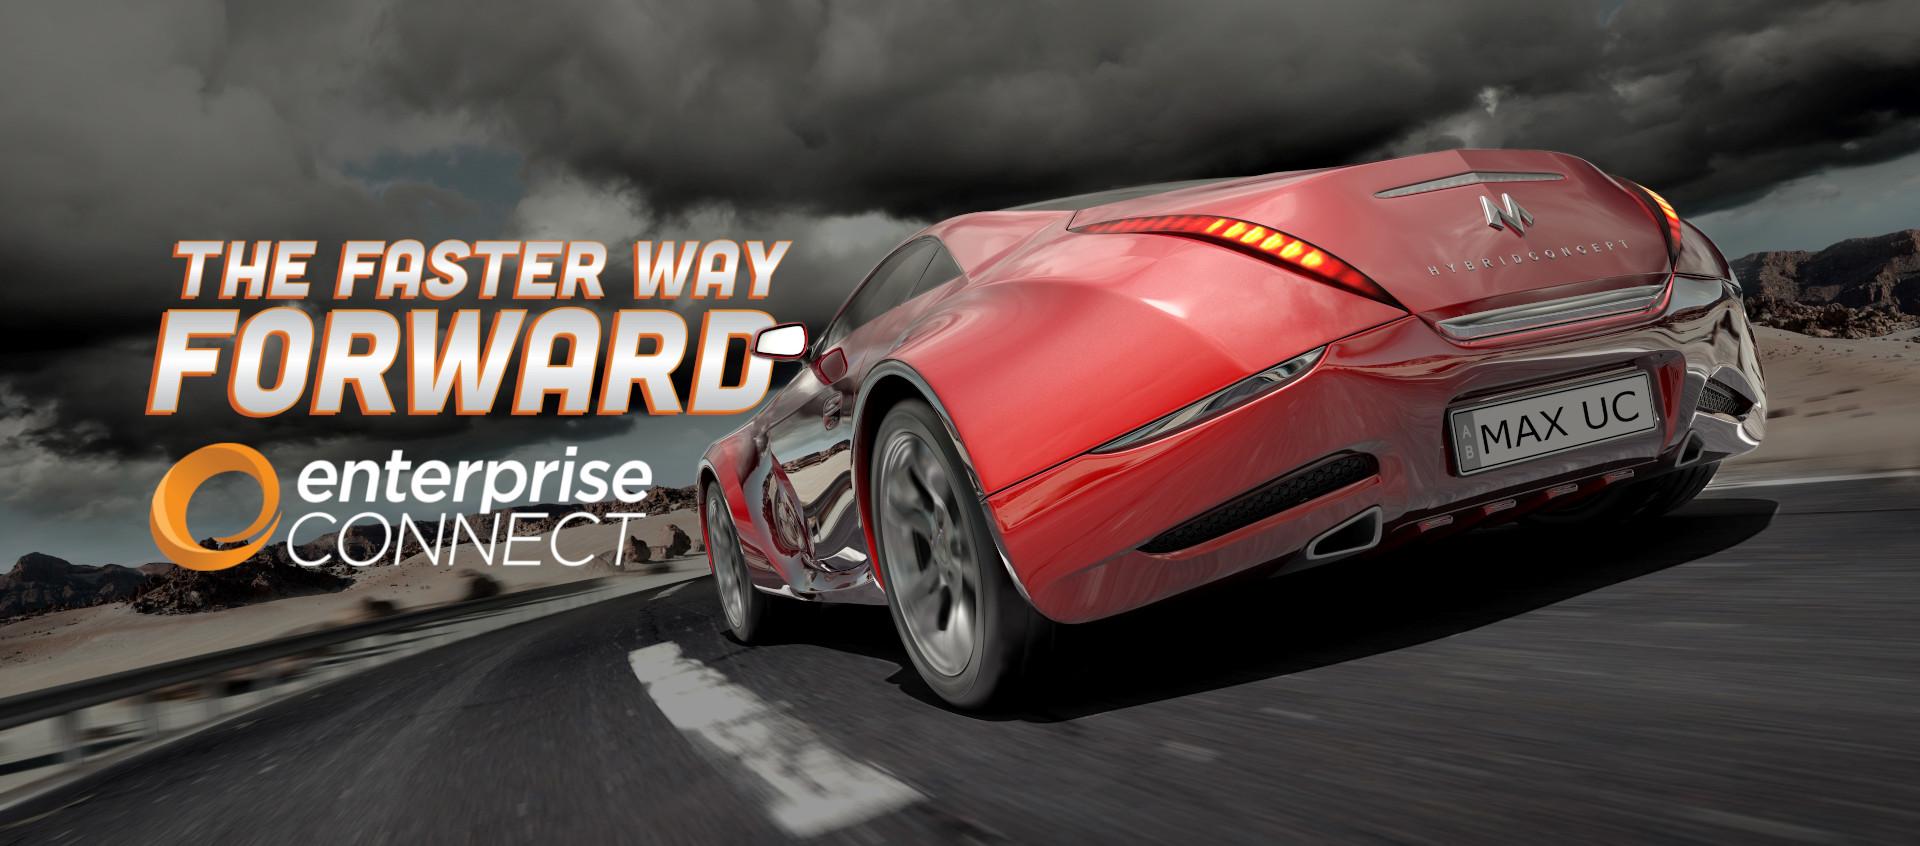 max-uc-car-ec-master-banner